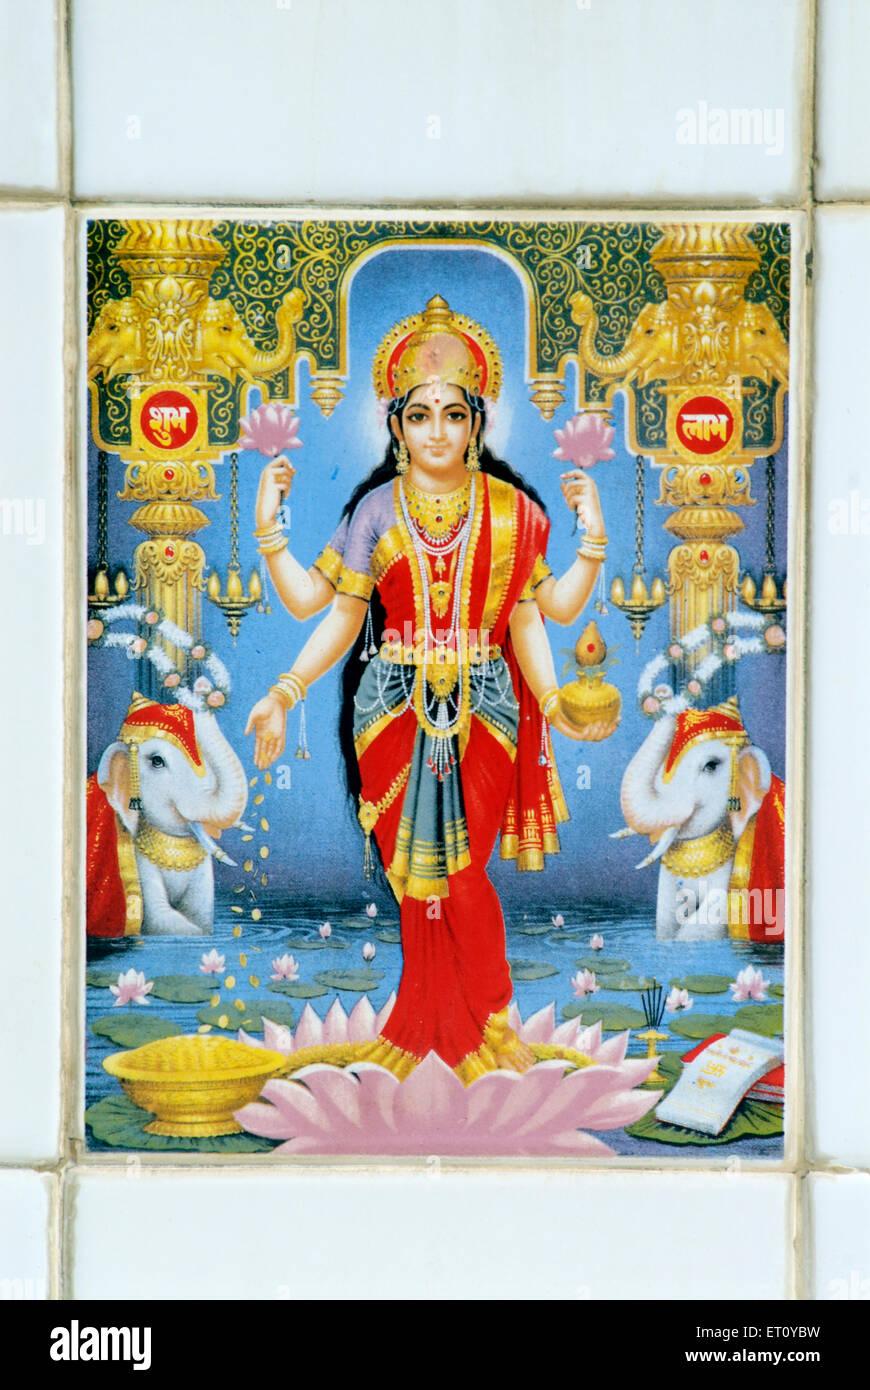 Lakshmi moglie di Vishnu dea della ricchezza dipinta sulla piastrella ; villaggio Donje ; Pune ; Maharashtra ; India Immagini Stock